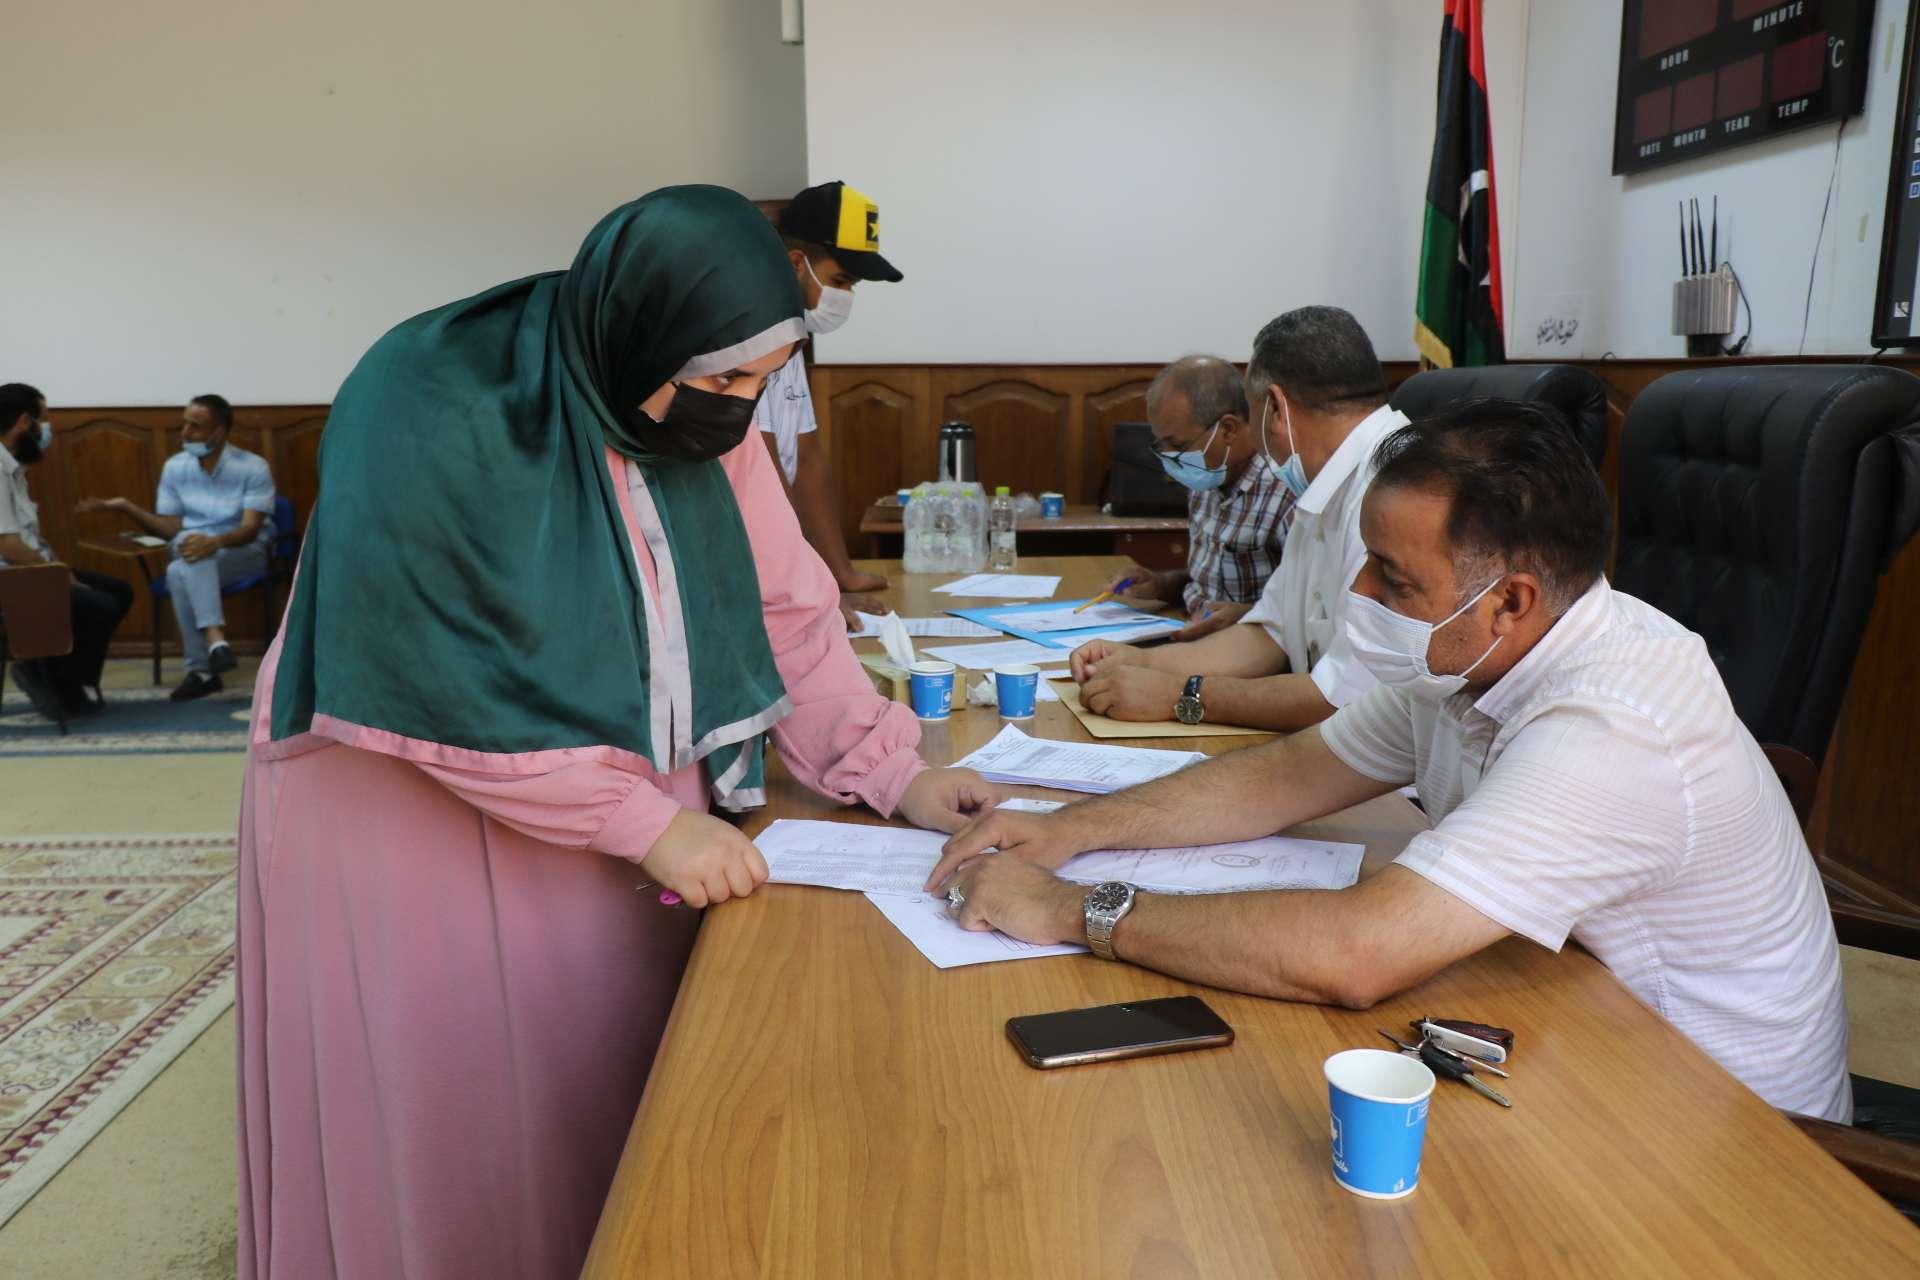 الأكاديمية الليبية للدراسات العليا تواصل استقبال ملفات الطلاب الجدد